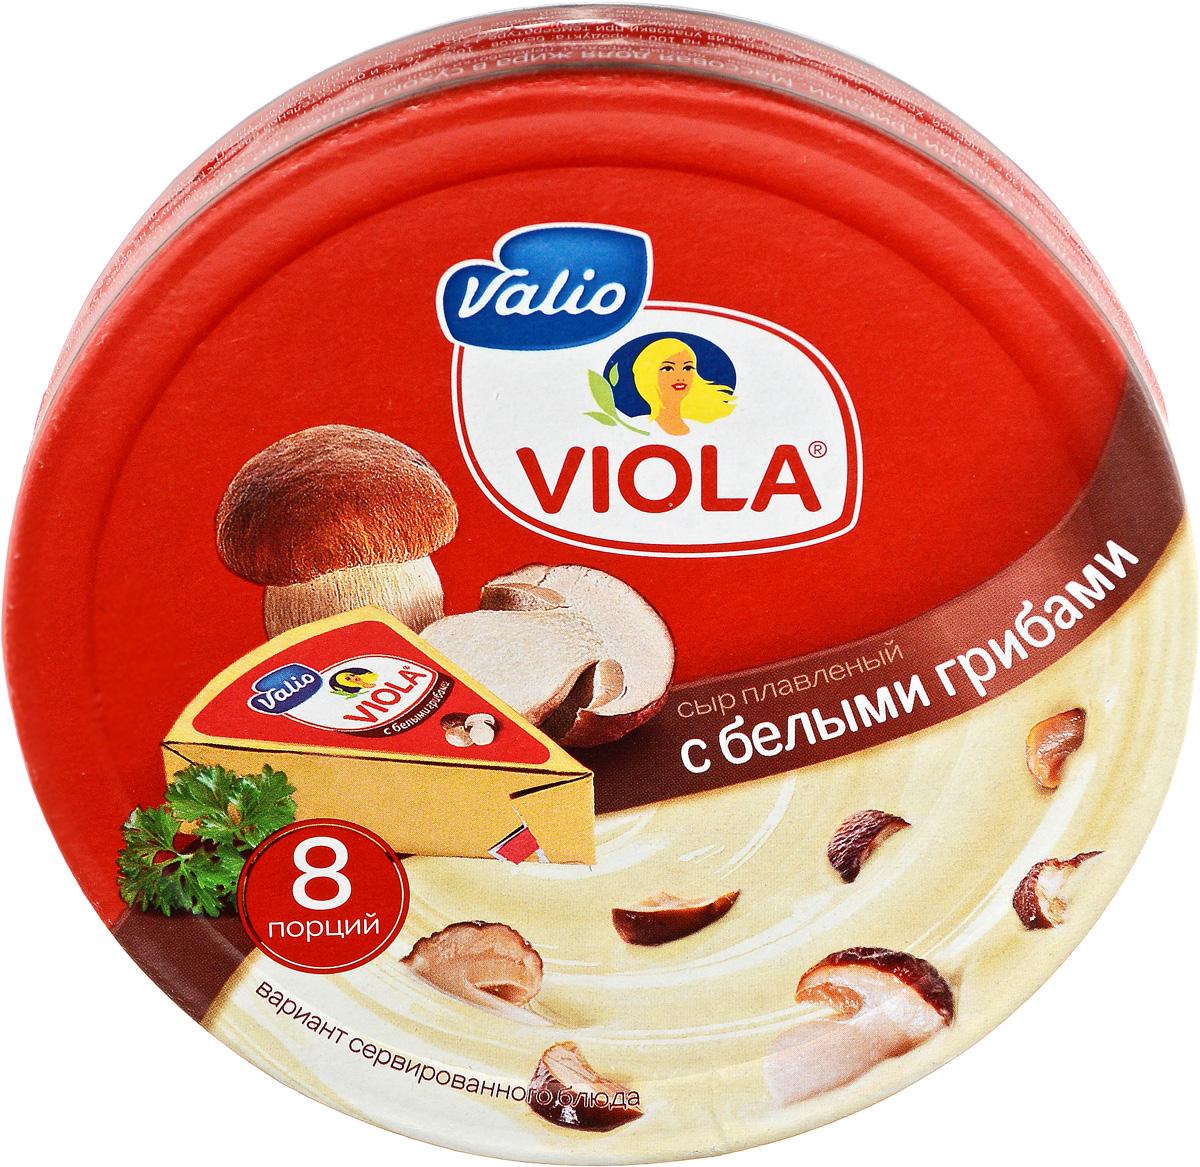 Valio Viola Сыр с белыми грибами, плавленый, 130 г valio viola сыр с лисичками плавленый 400 г